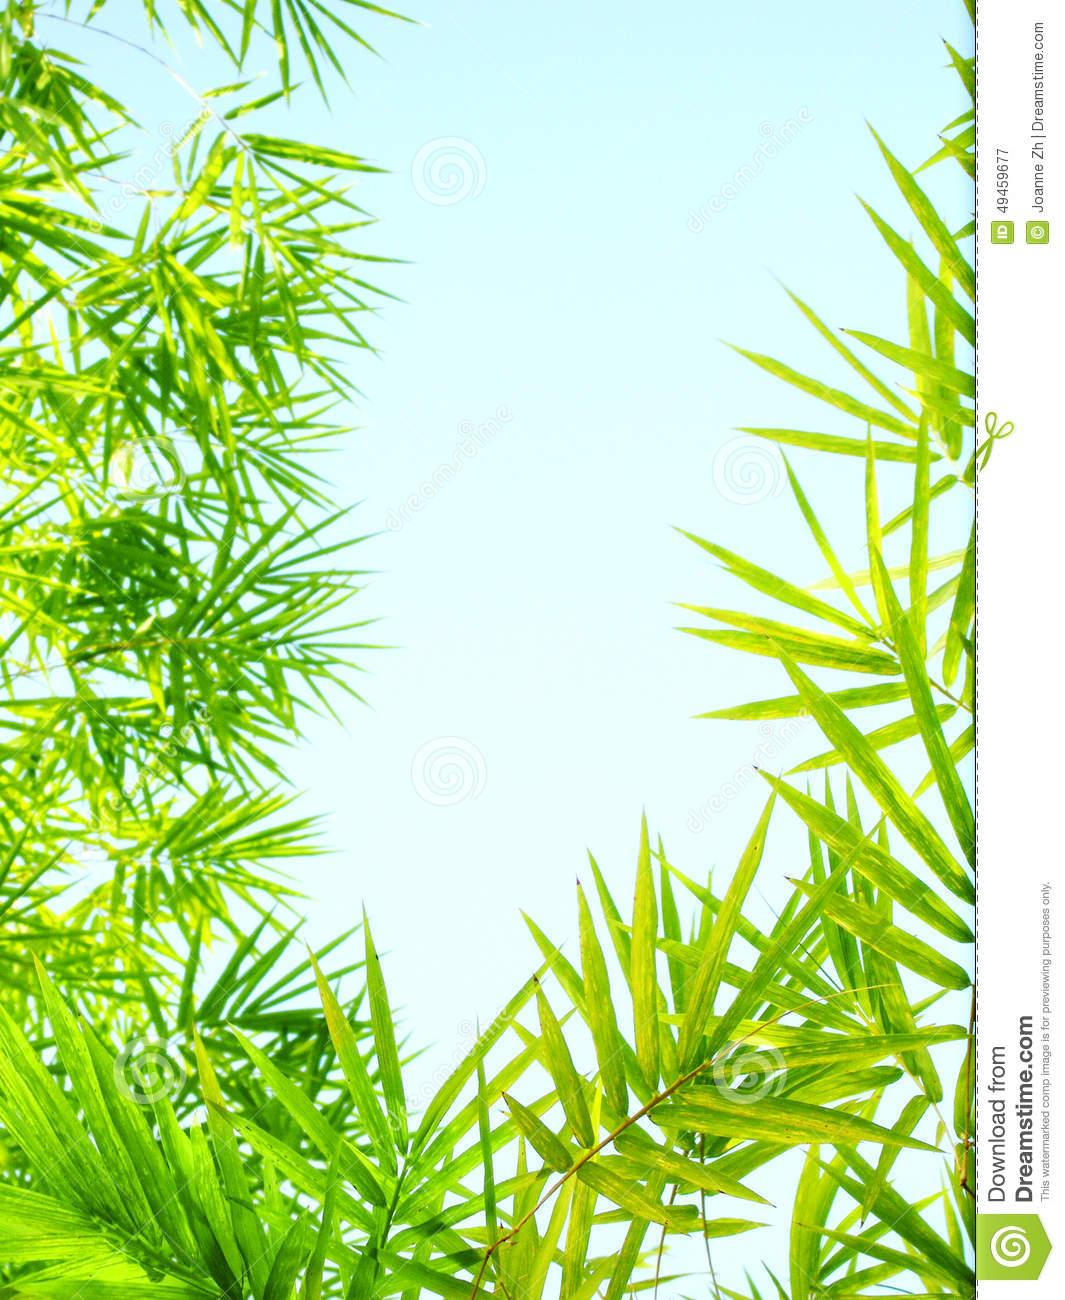 Sunlight Bamboo Leaves Frame Stock Photo.